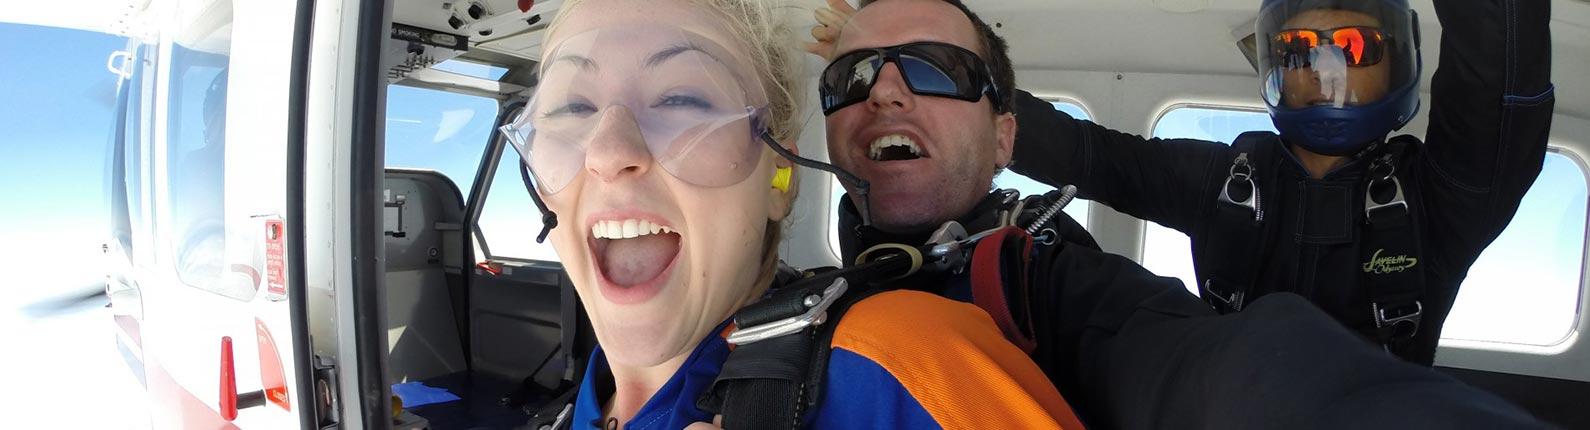 Skydiving Over Australia